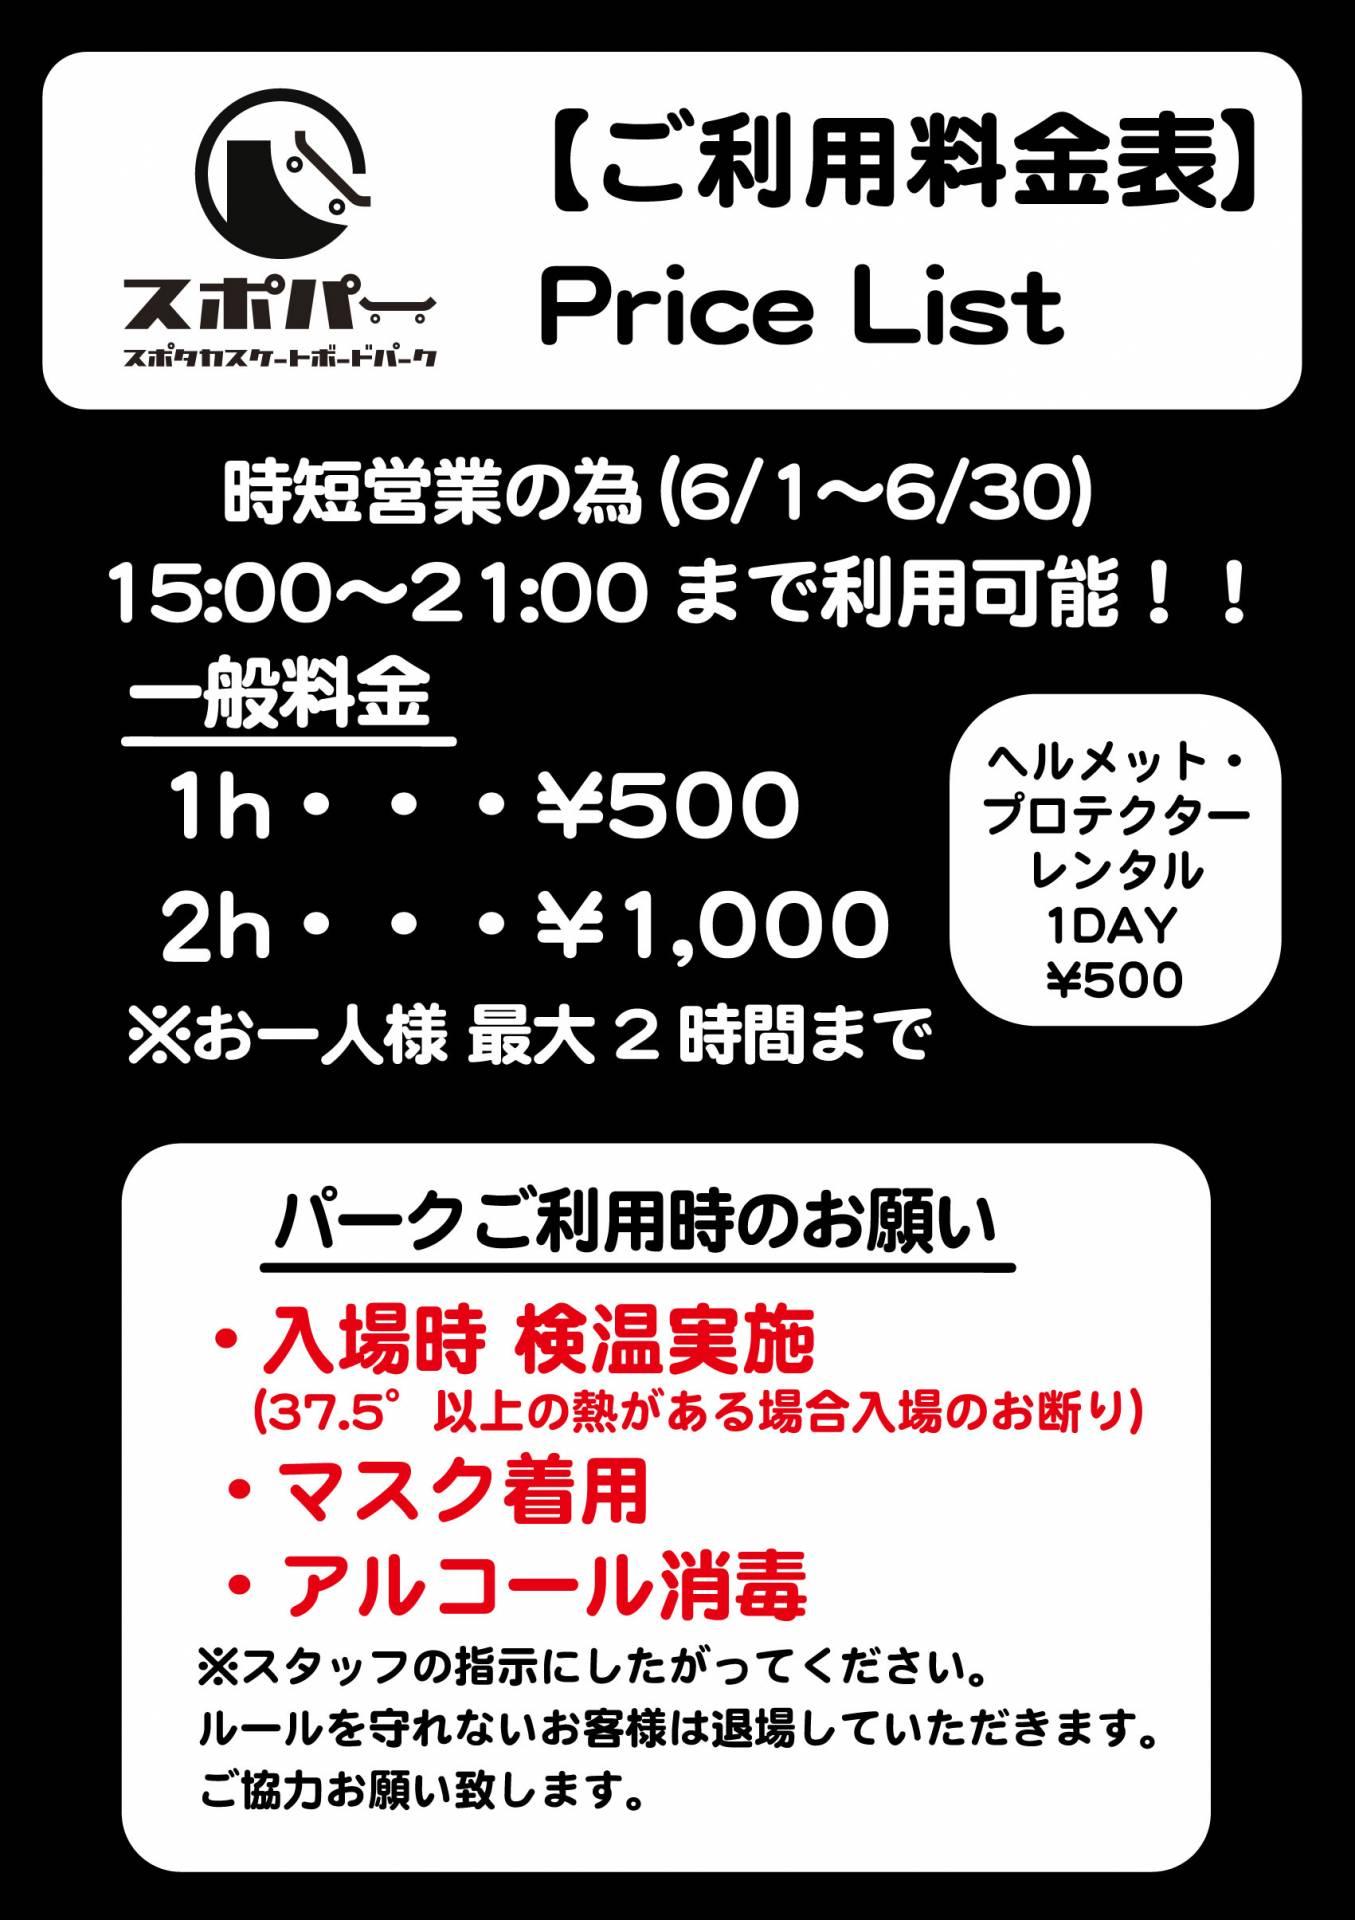 6/1〜パーク営業再開致します〜!!!